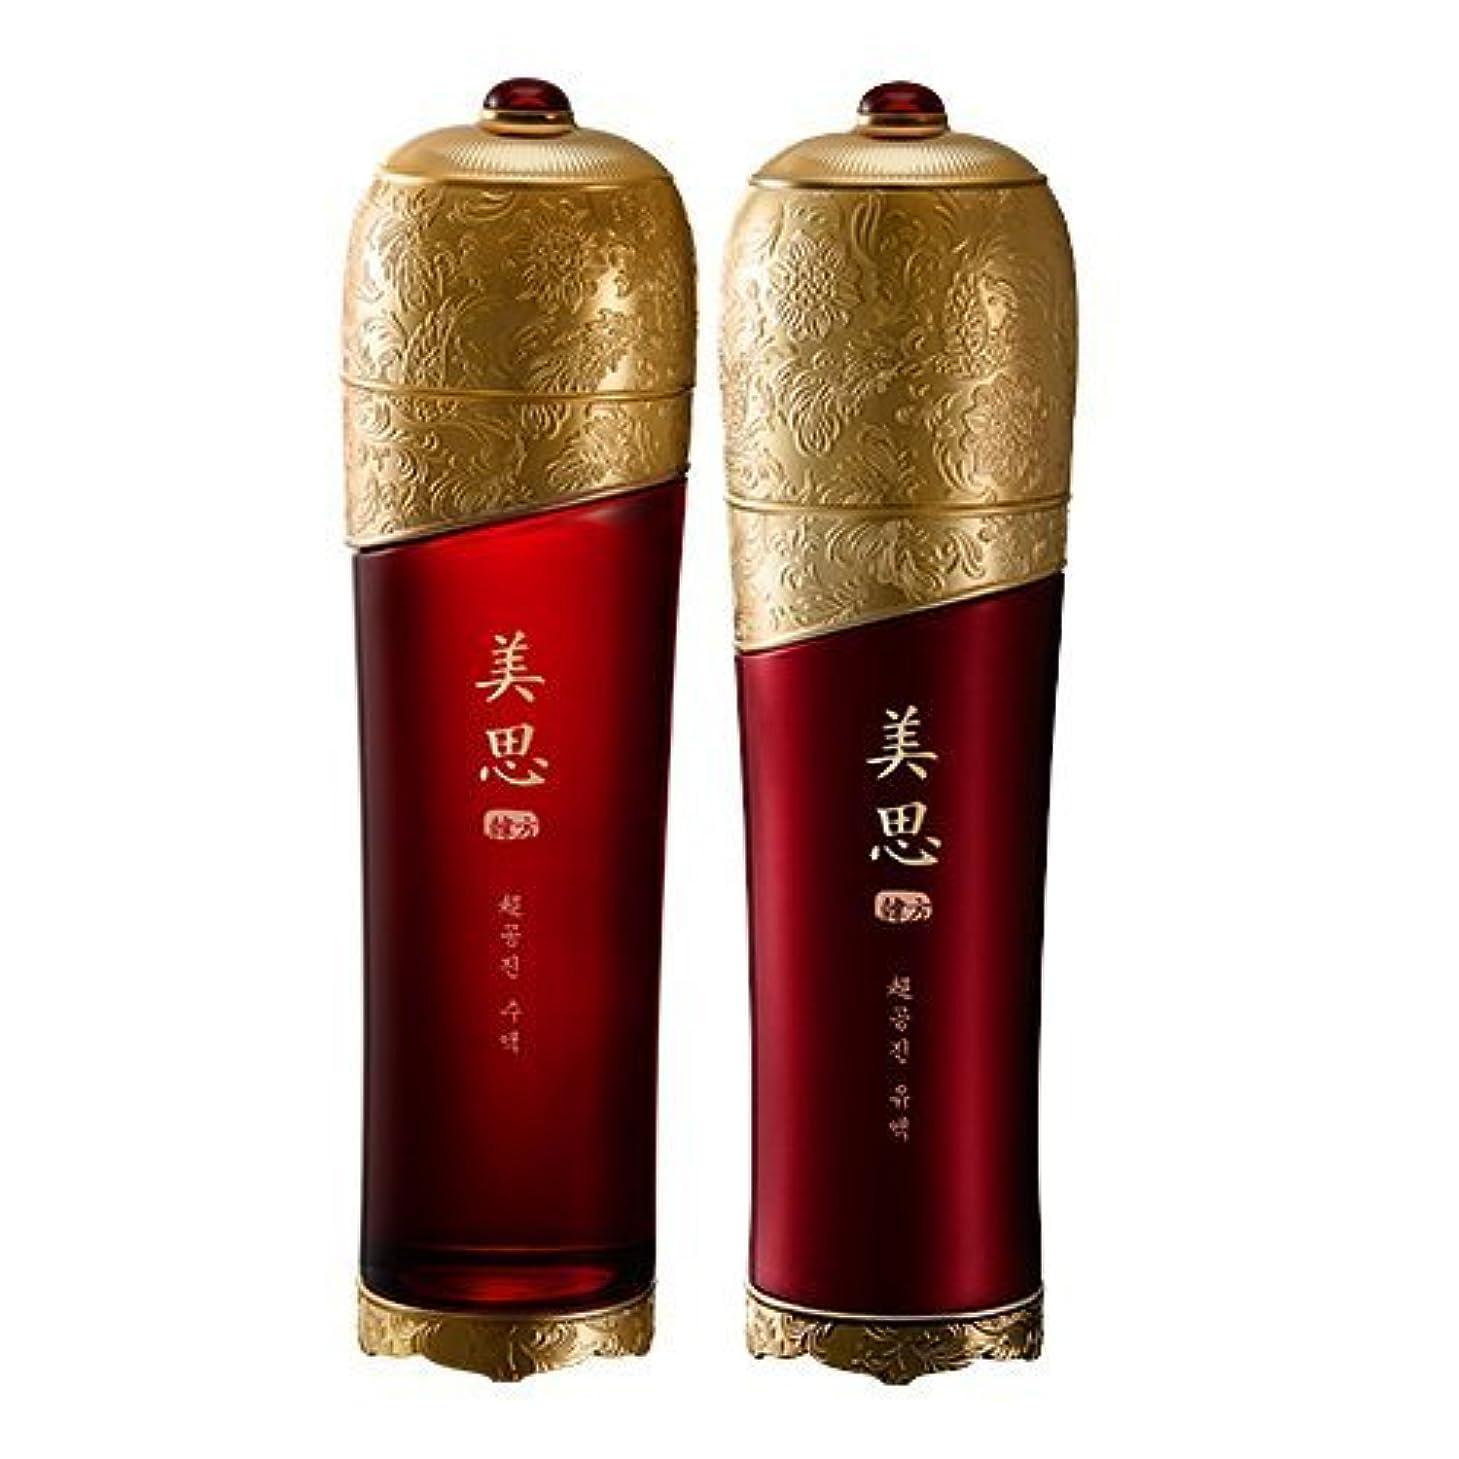 叱る惑星殺人MISSHA(ミシャ) 美思 韓方 チョゴンジン 基礎化粧品 スキンケア 化粧水+乳液=お得2種Set